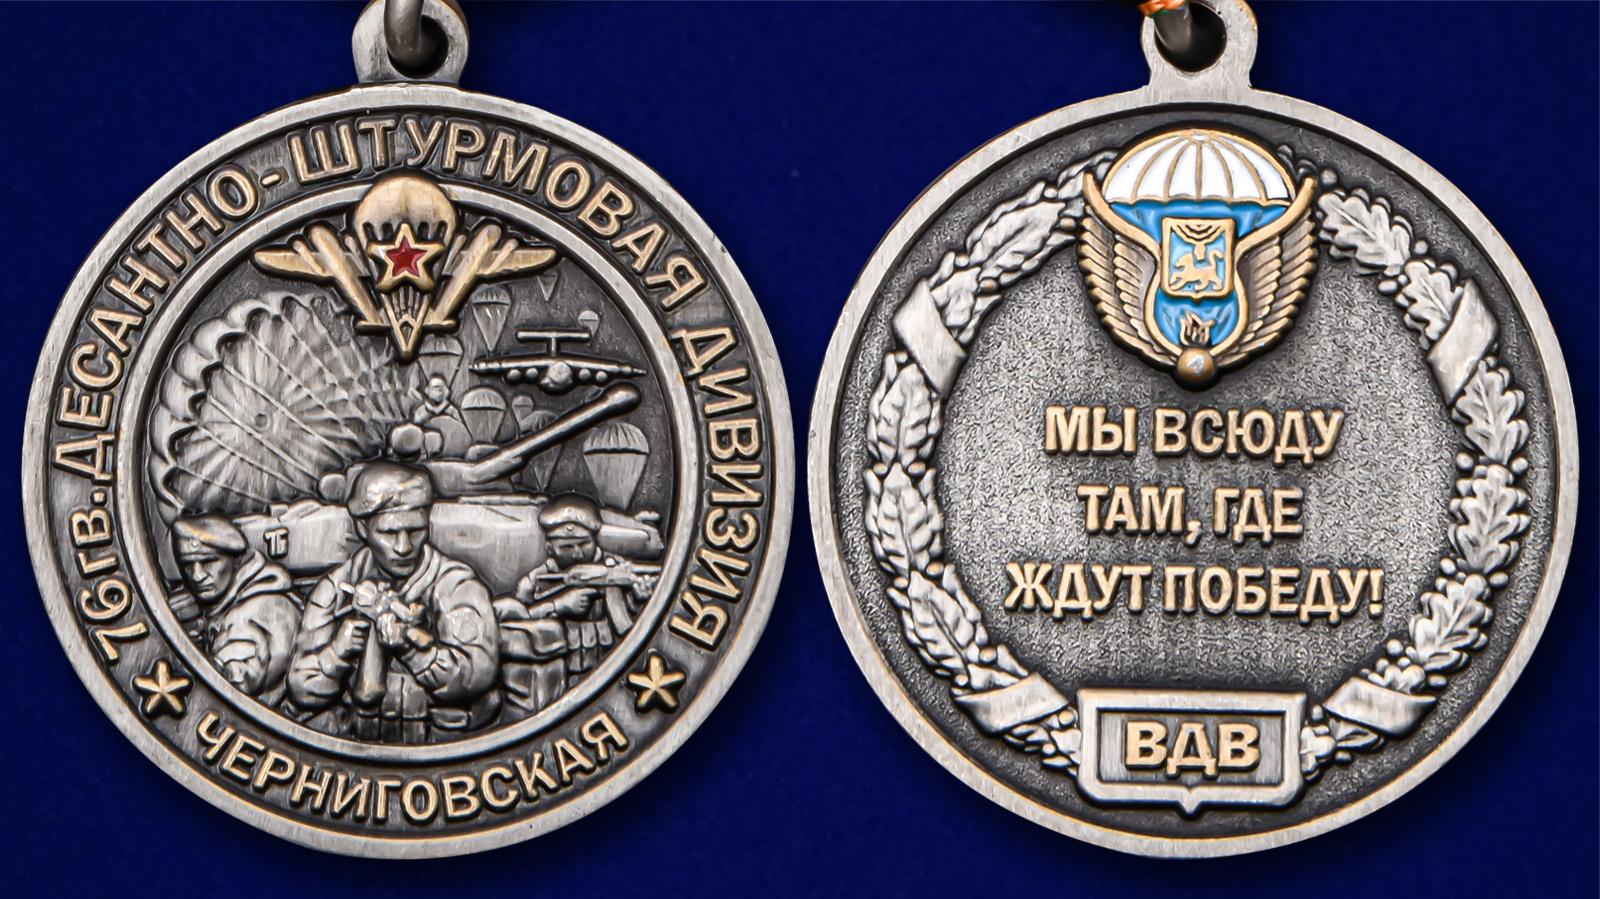 Памятная медаль 76-я гв. Десантно-штурмовая дивизия - аверс и реверс